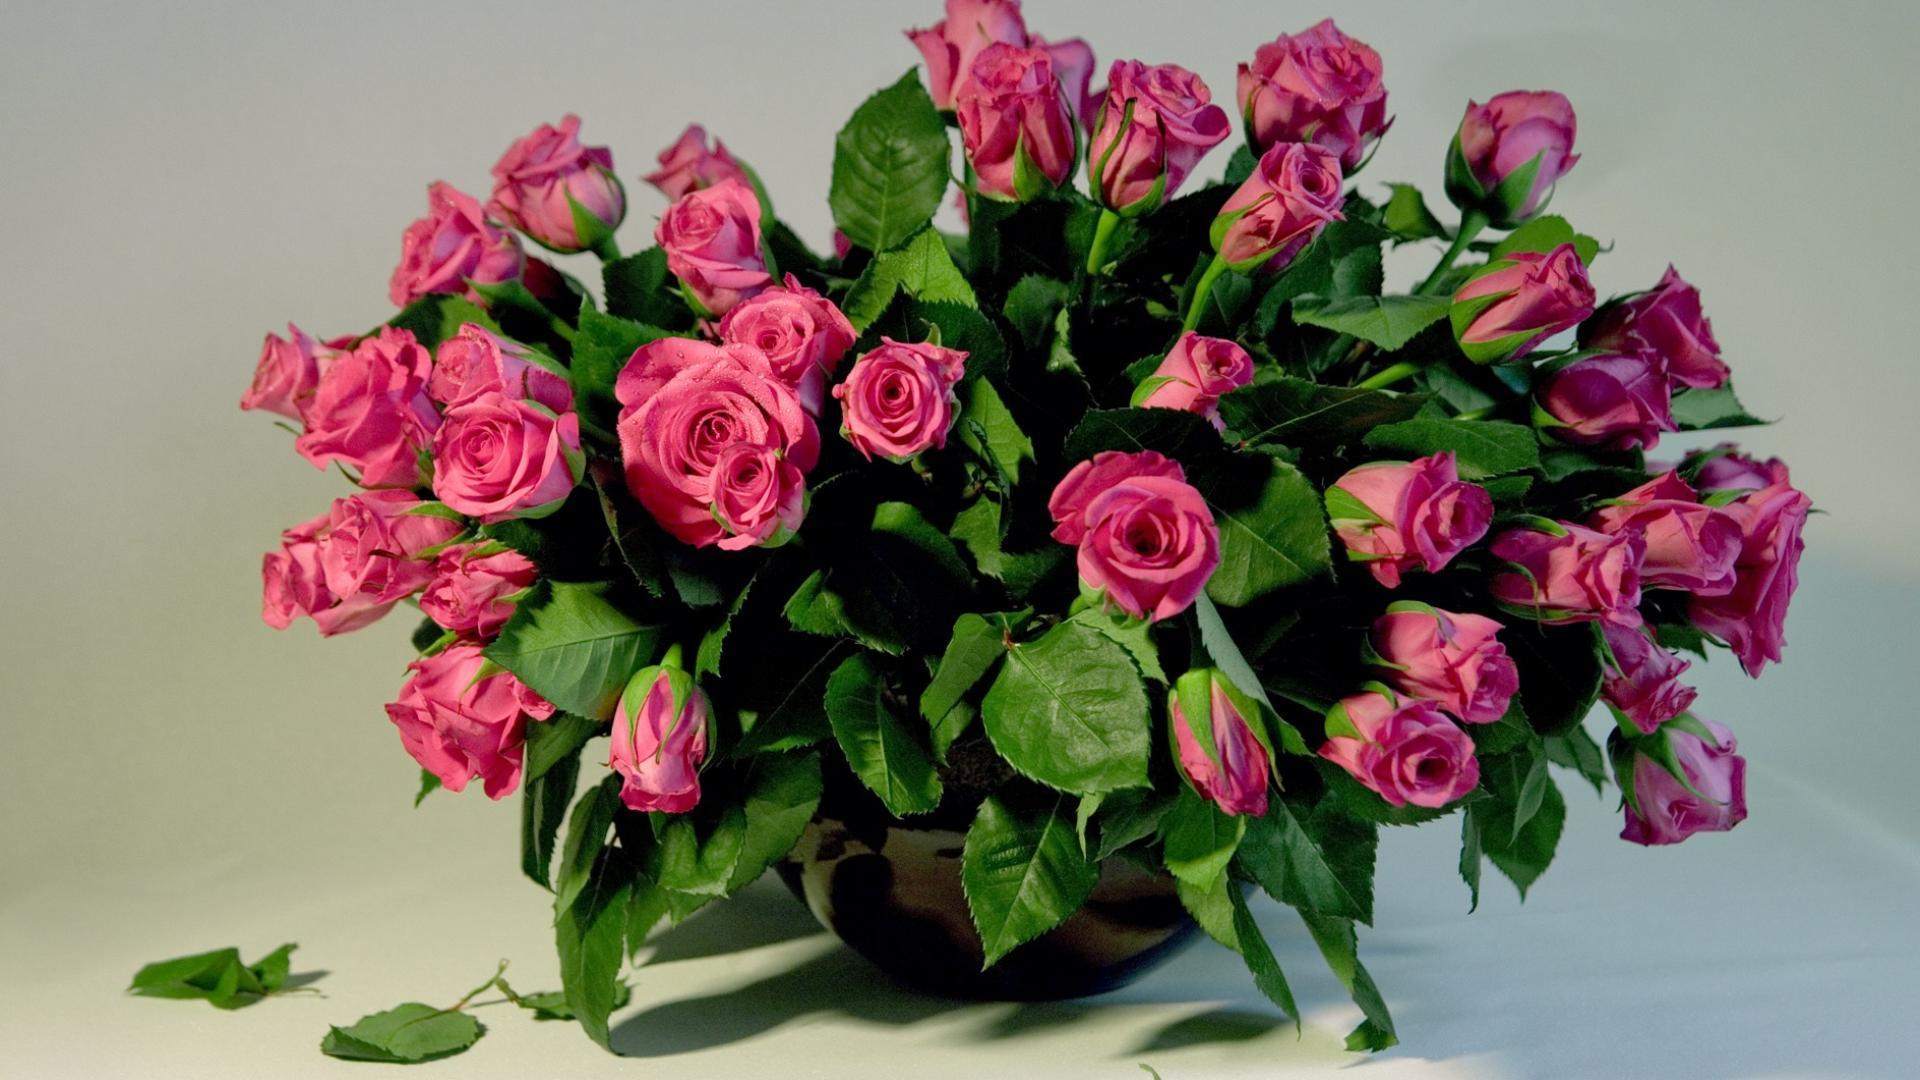 39922 скачать обои Растения, Розы, Букеты - заставки и картинки бесплатно